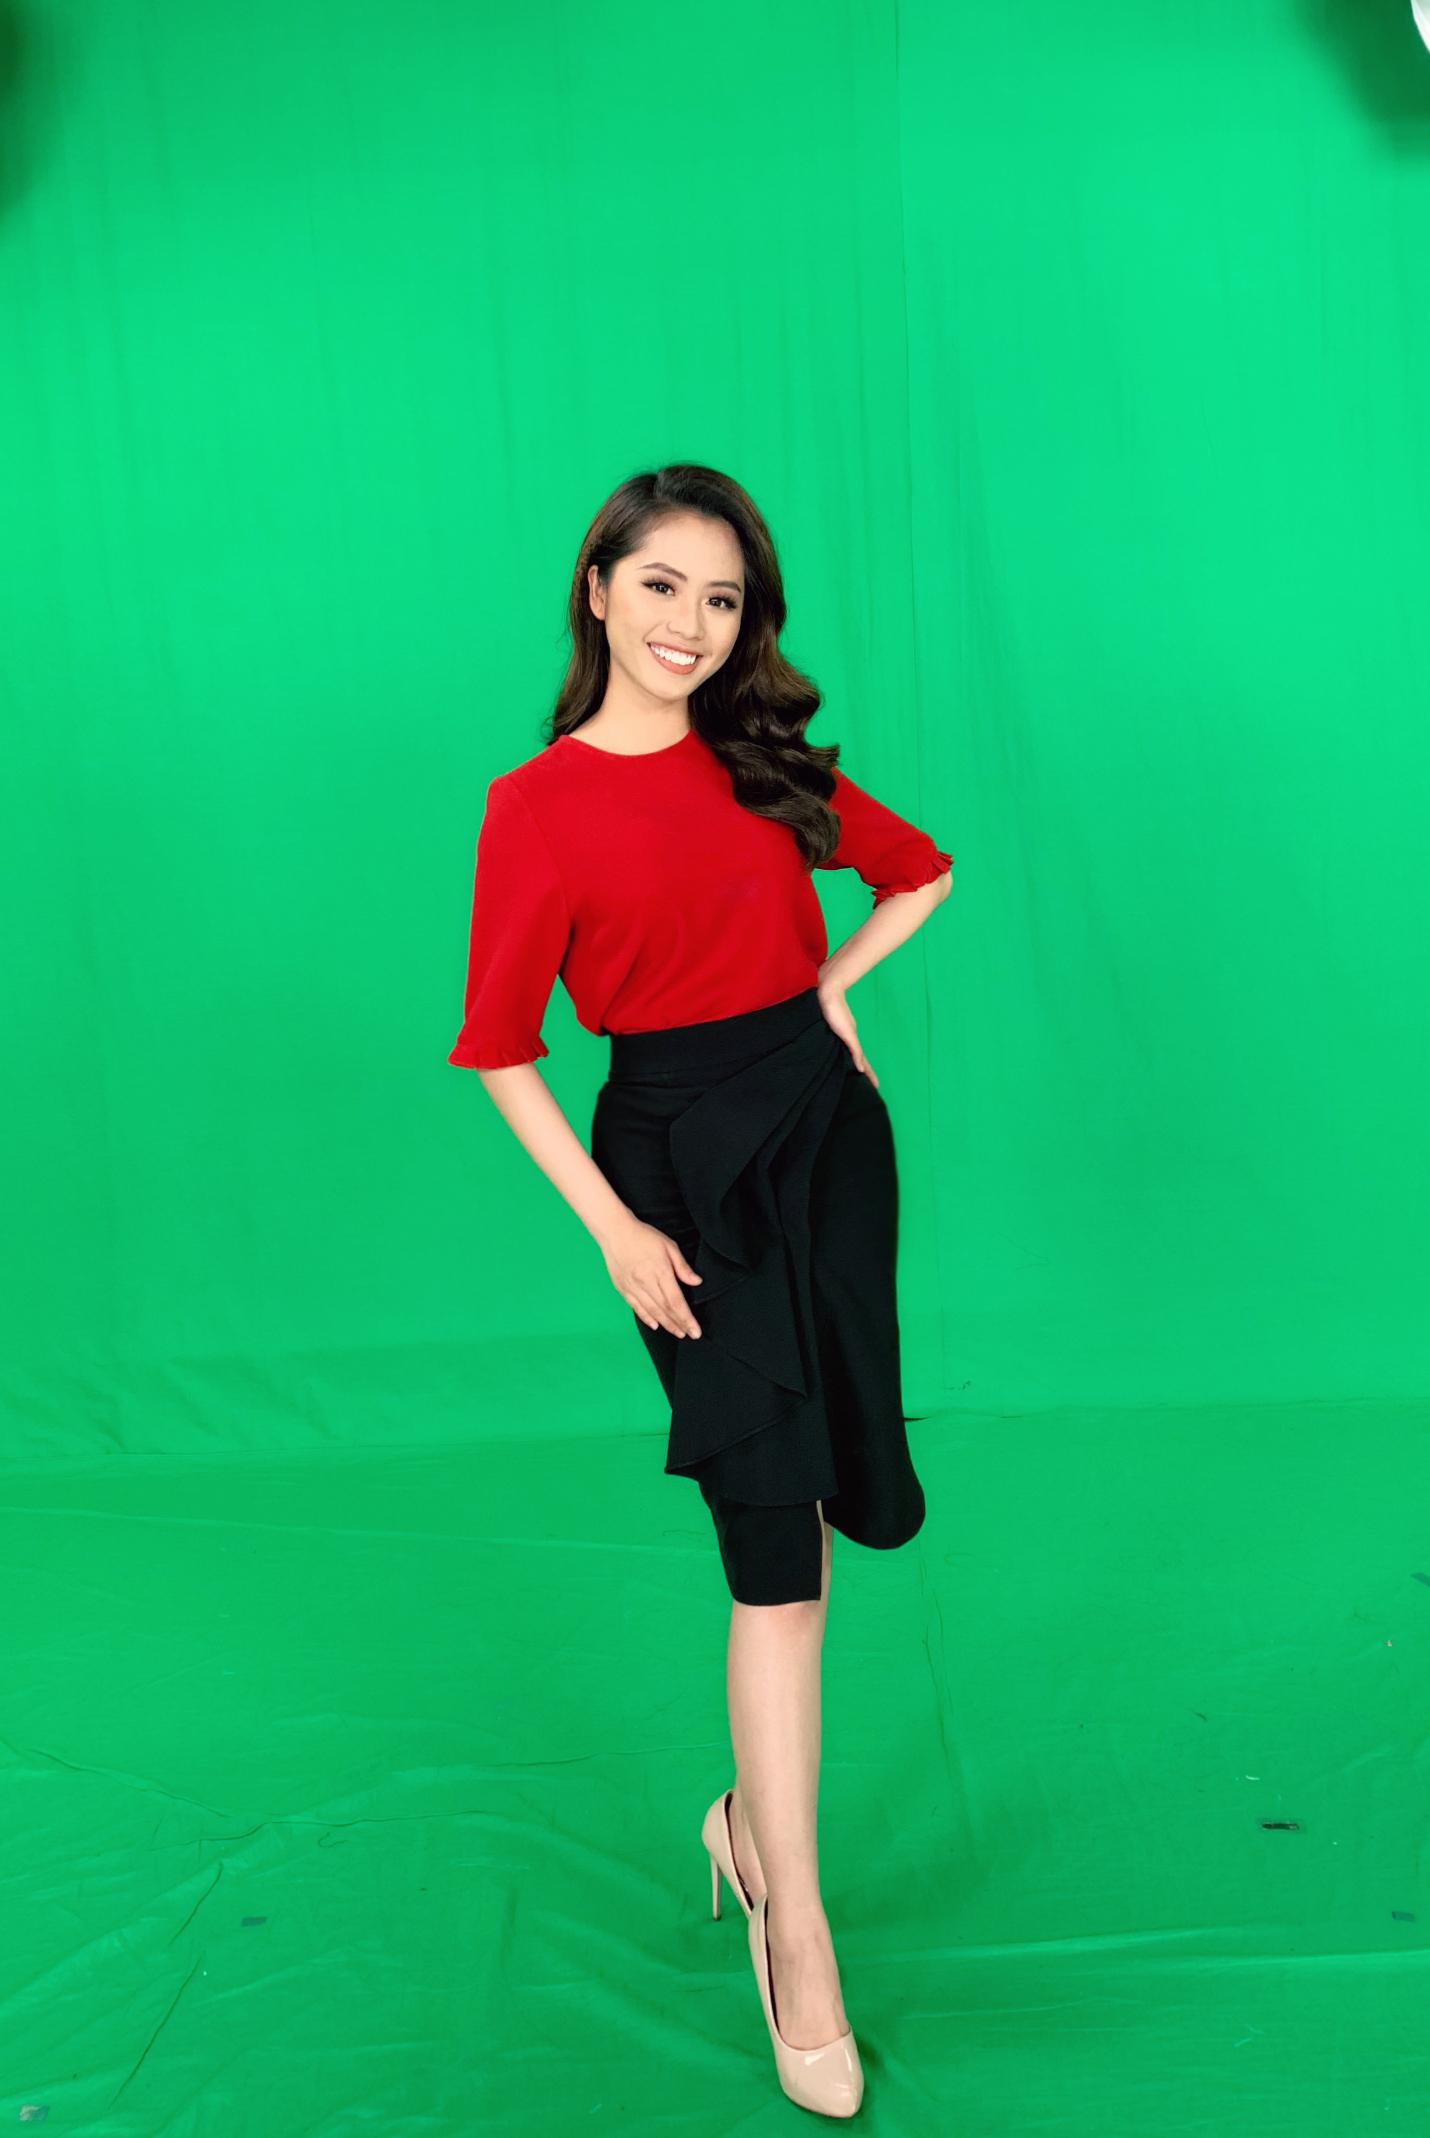 Nữ MC truyền hình 22 tuổi thi HHVN 2020: 'Các bạn đua theo xu hướng Kpop hay Âu Mỹ, mình chỉ chuộng style đơn giản chuẩn chỉnh tác phong nhà đài' 7